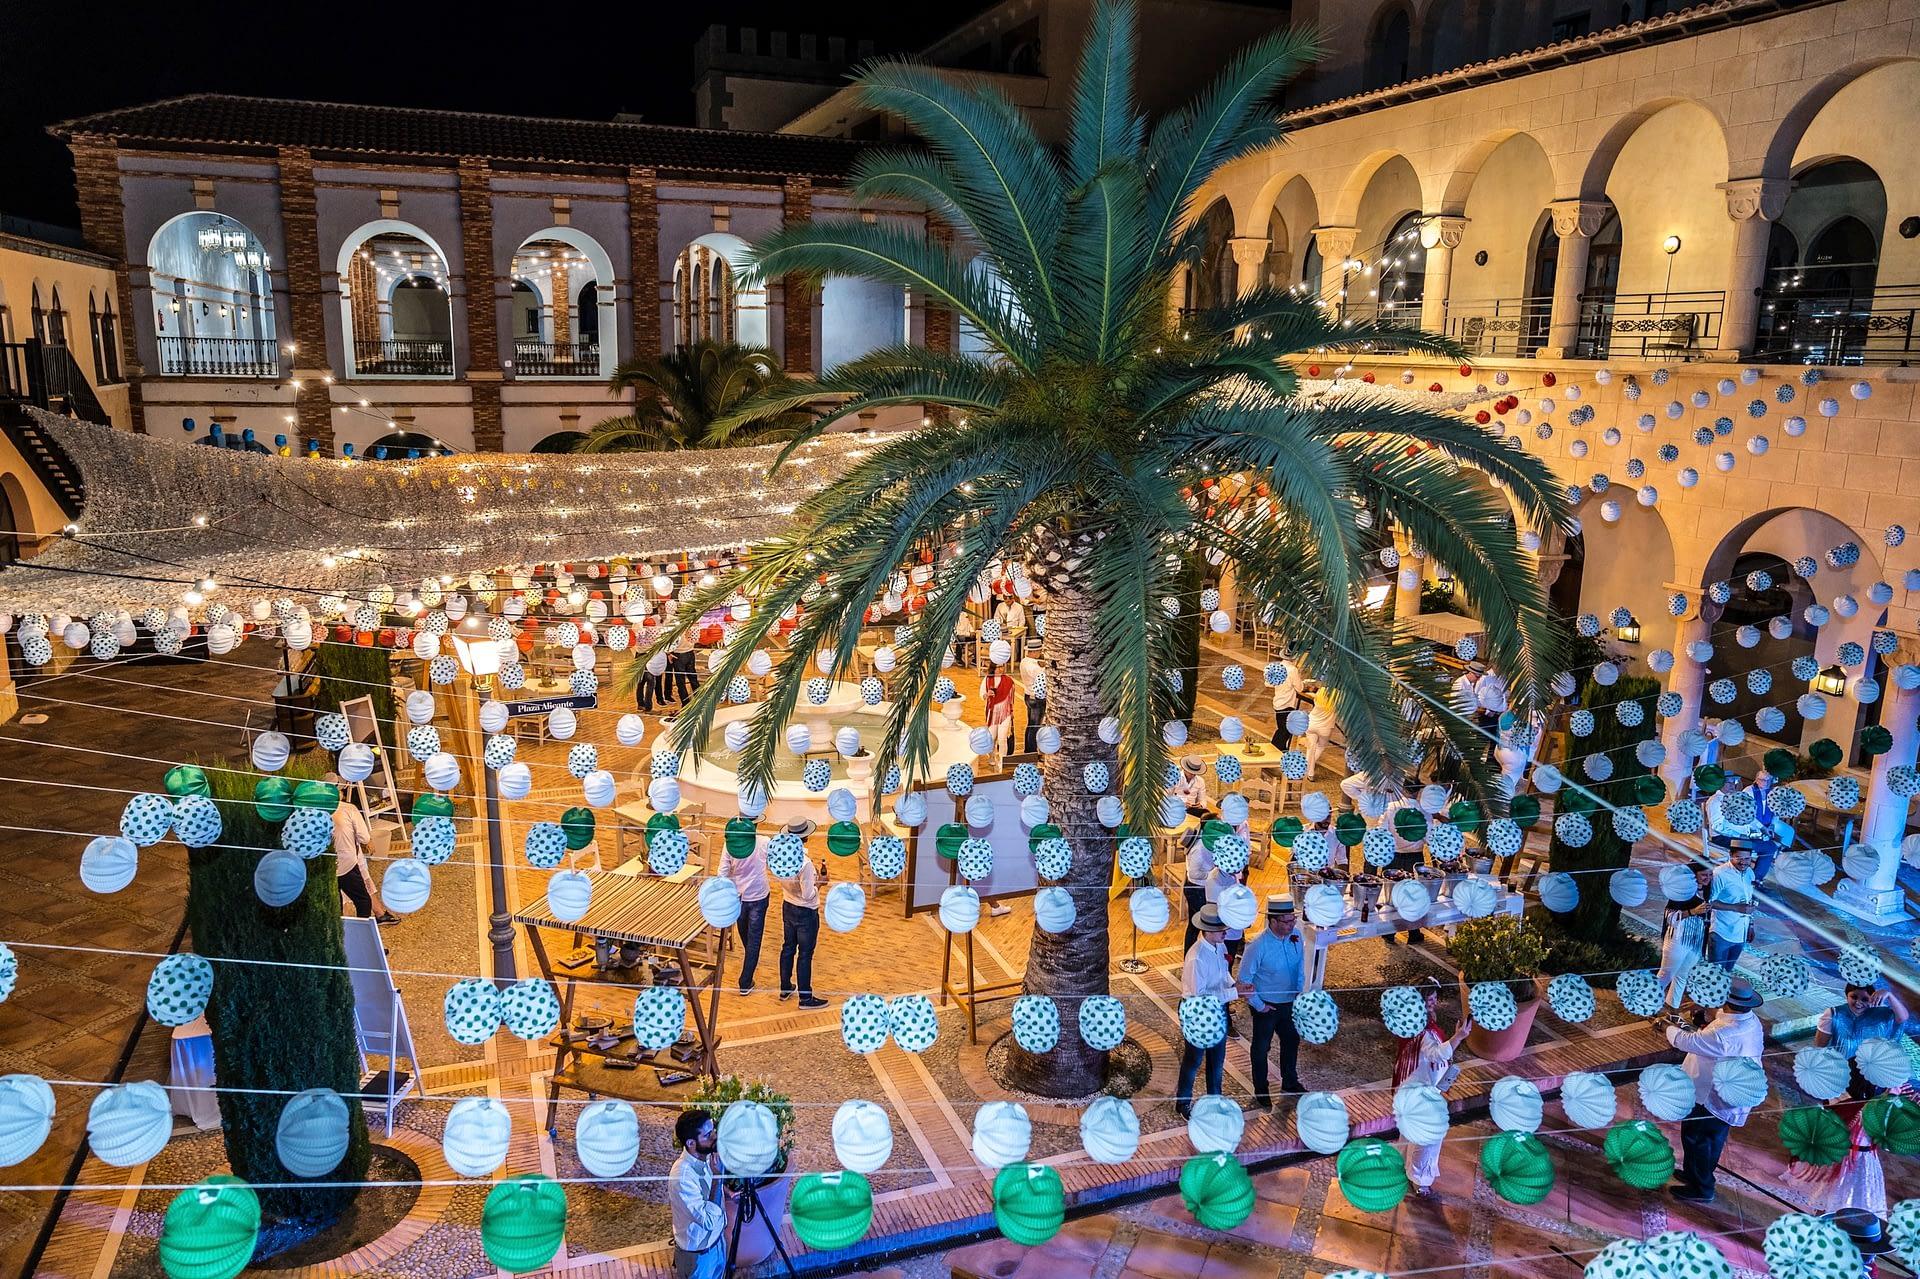 Pierluigi Cavarra - fotografo de bodas y eventos - wedding photographer costa blanca - ejemplo -6